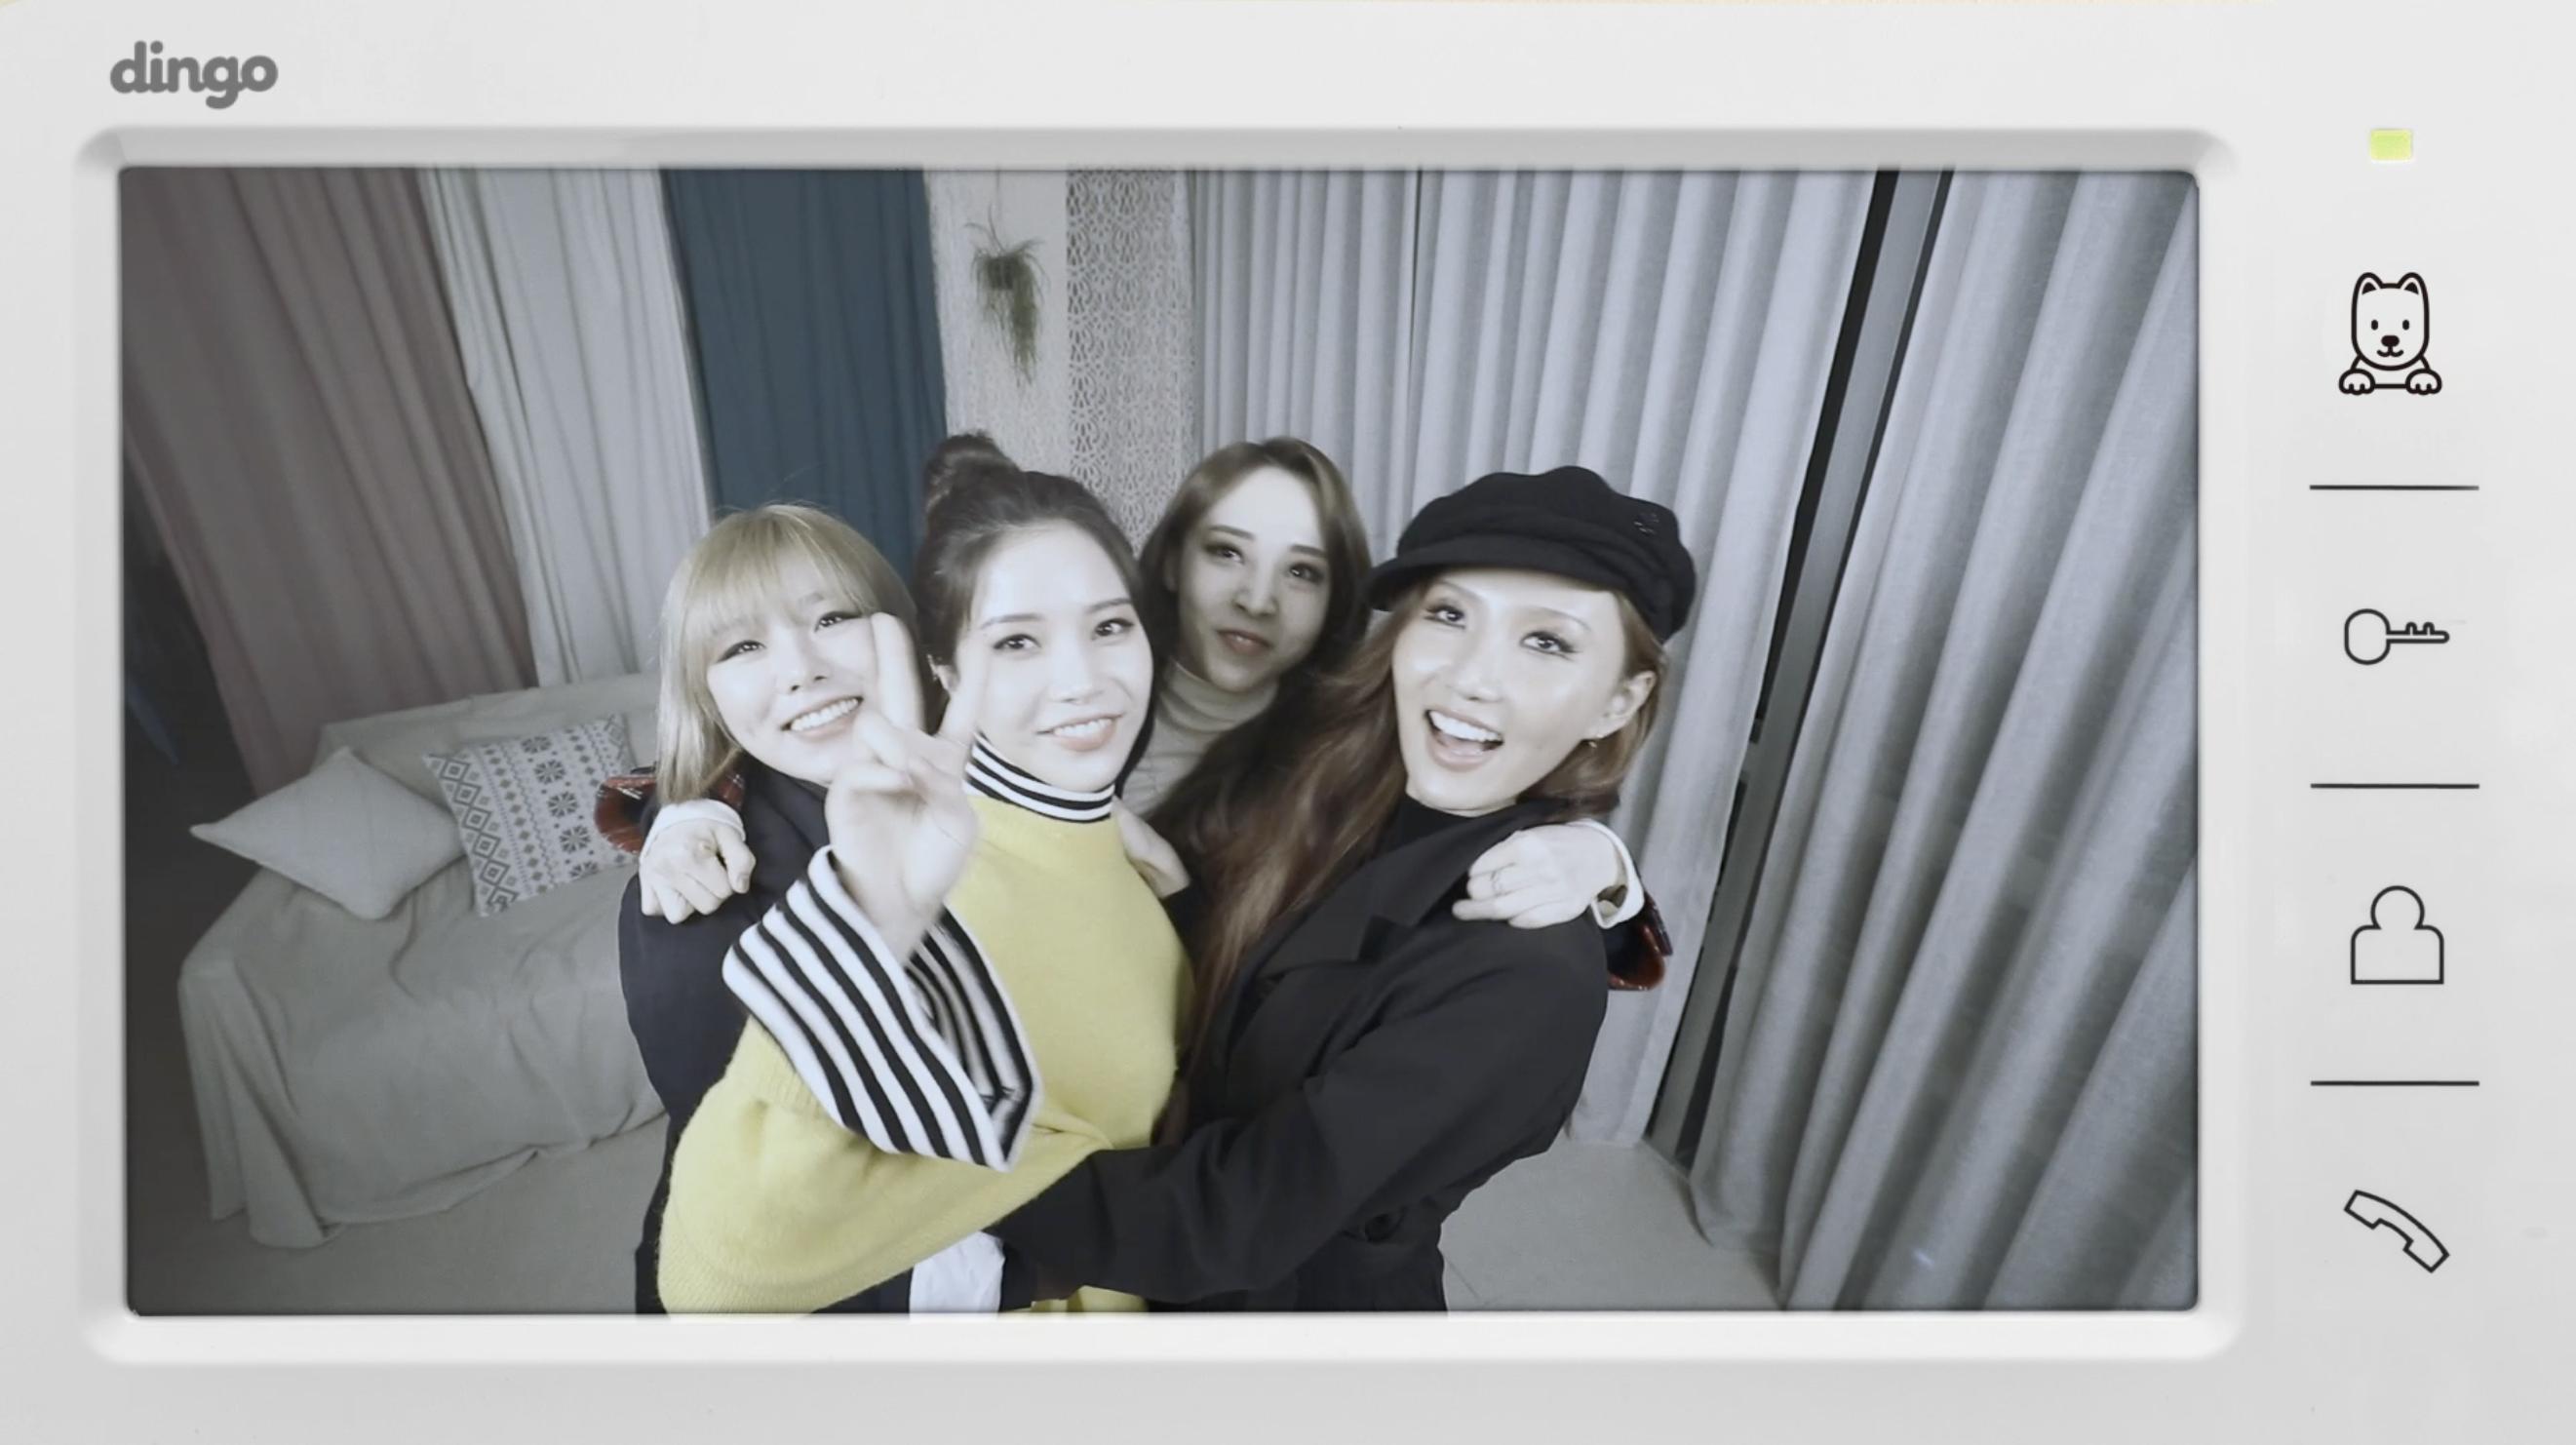 [teaser] 어서 문을 열어랔ㅋㅋㅋ쉴새없이 비글거리는 마마무가 딩고네 놀러온다면? | MAMAMOO